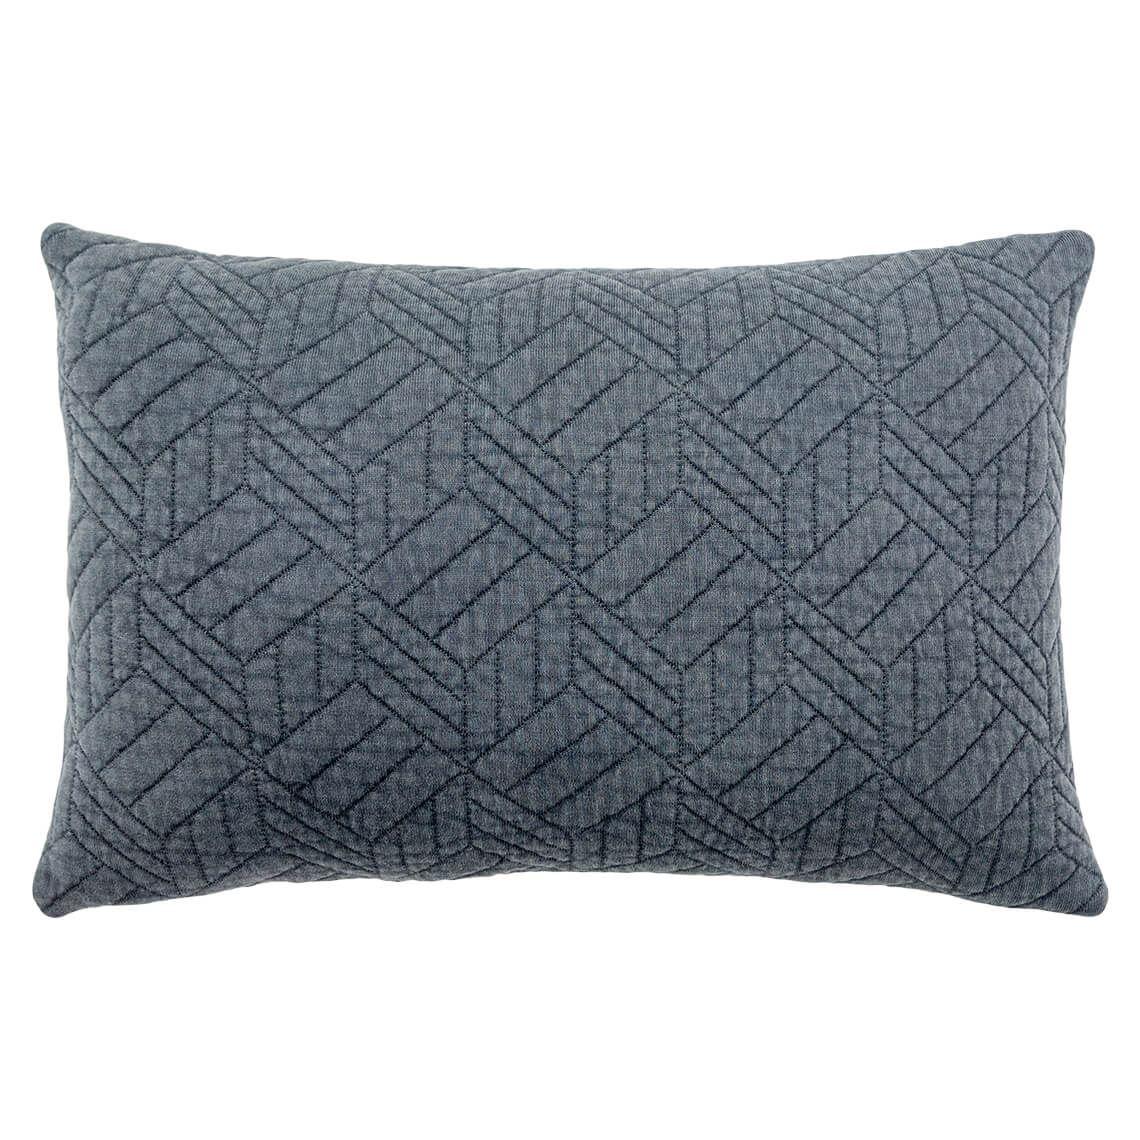 Glendale Cushion Size W 40cm x D 60cm x H 12cm in Grey Freedom